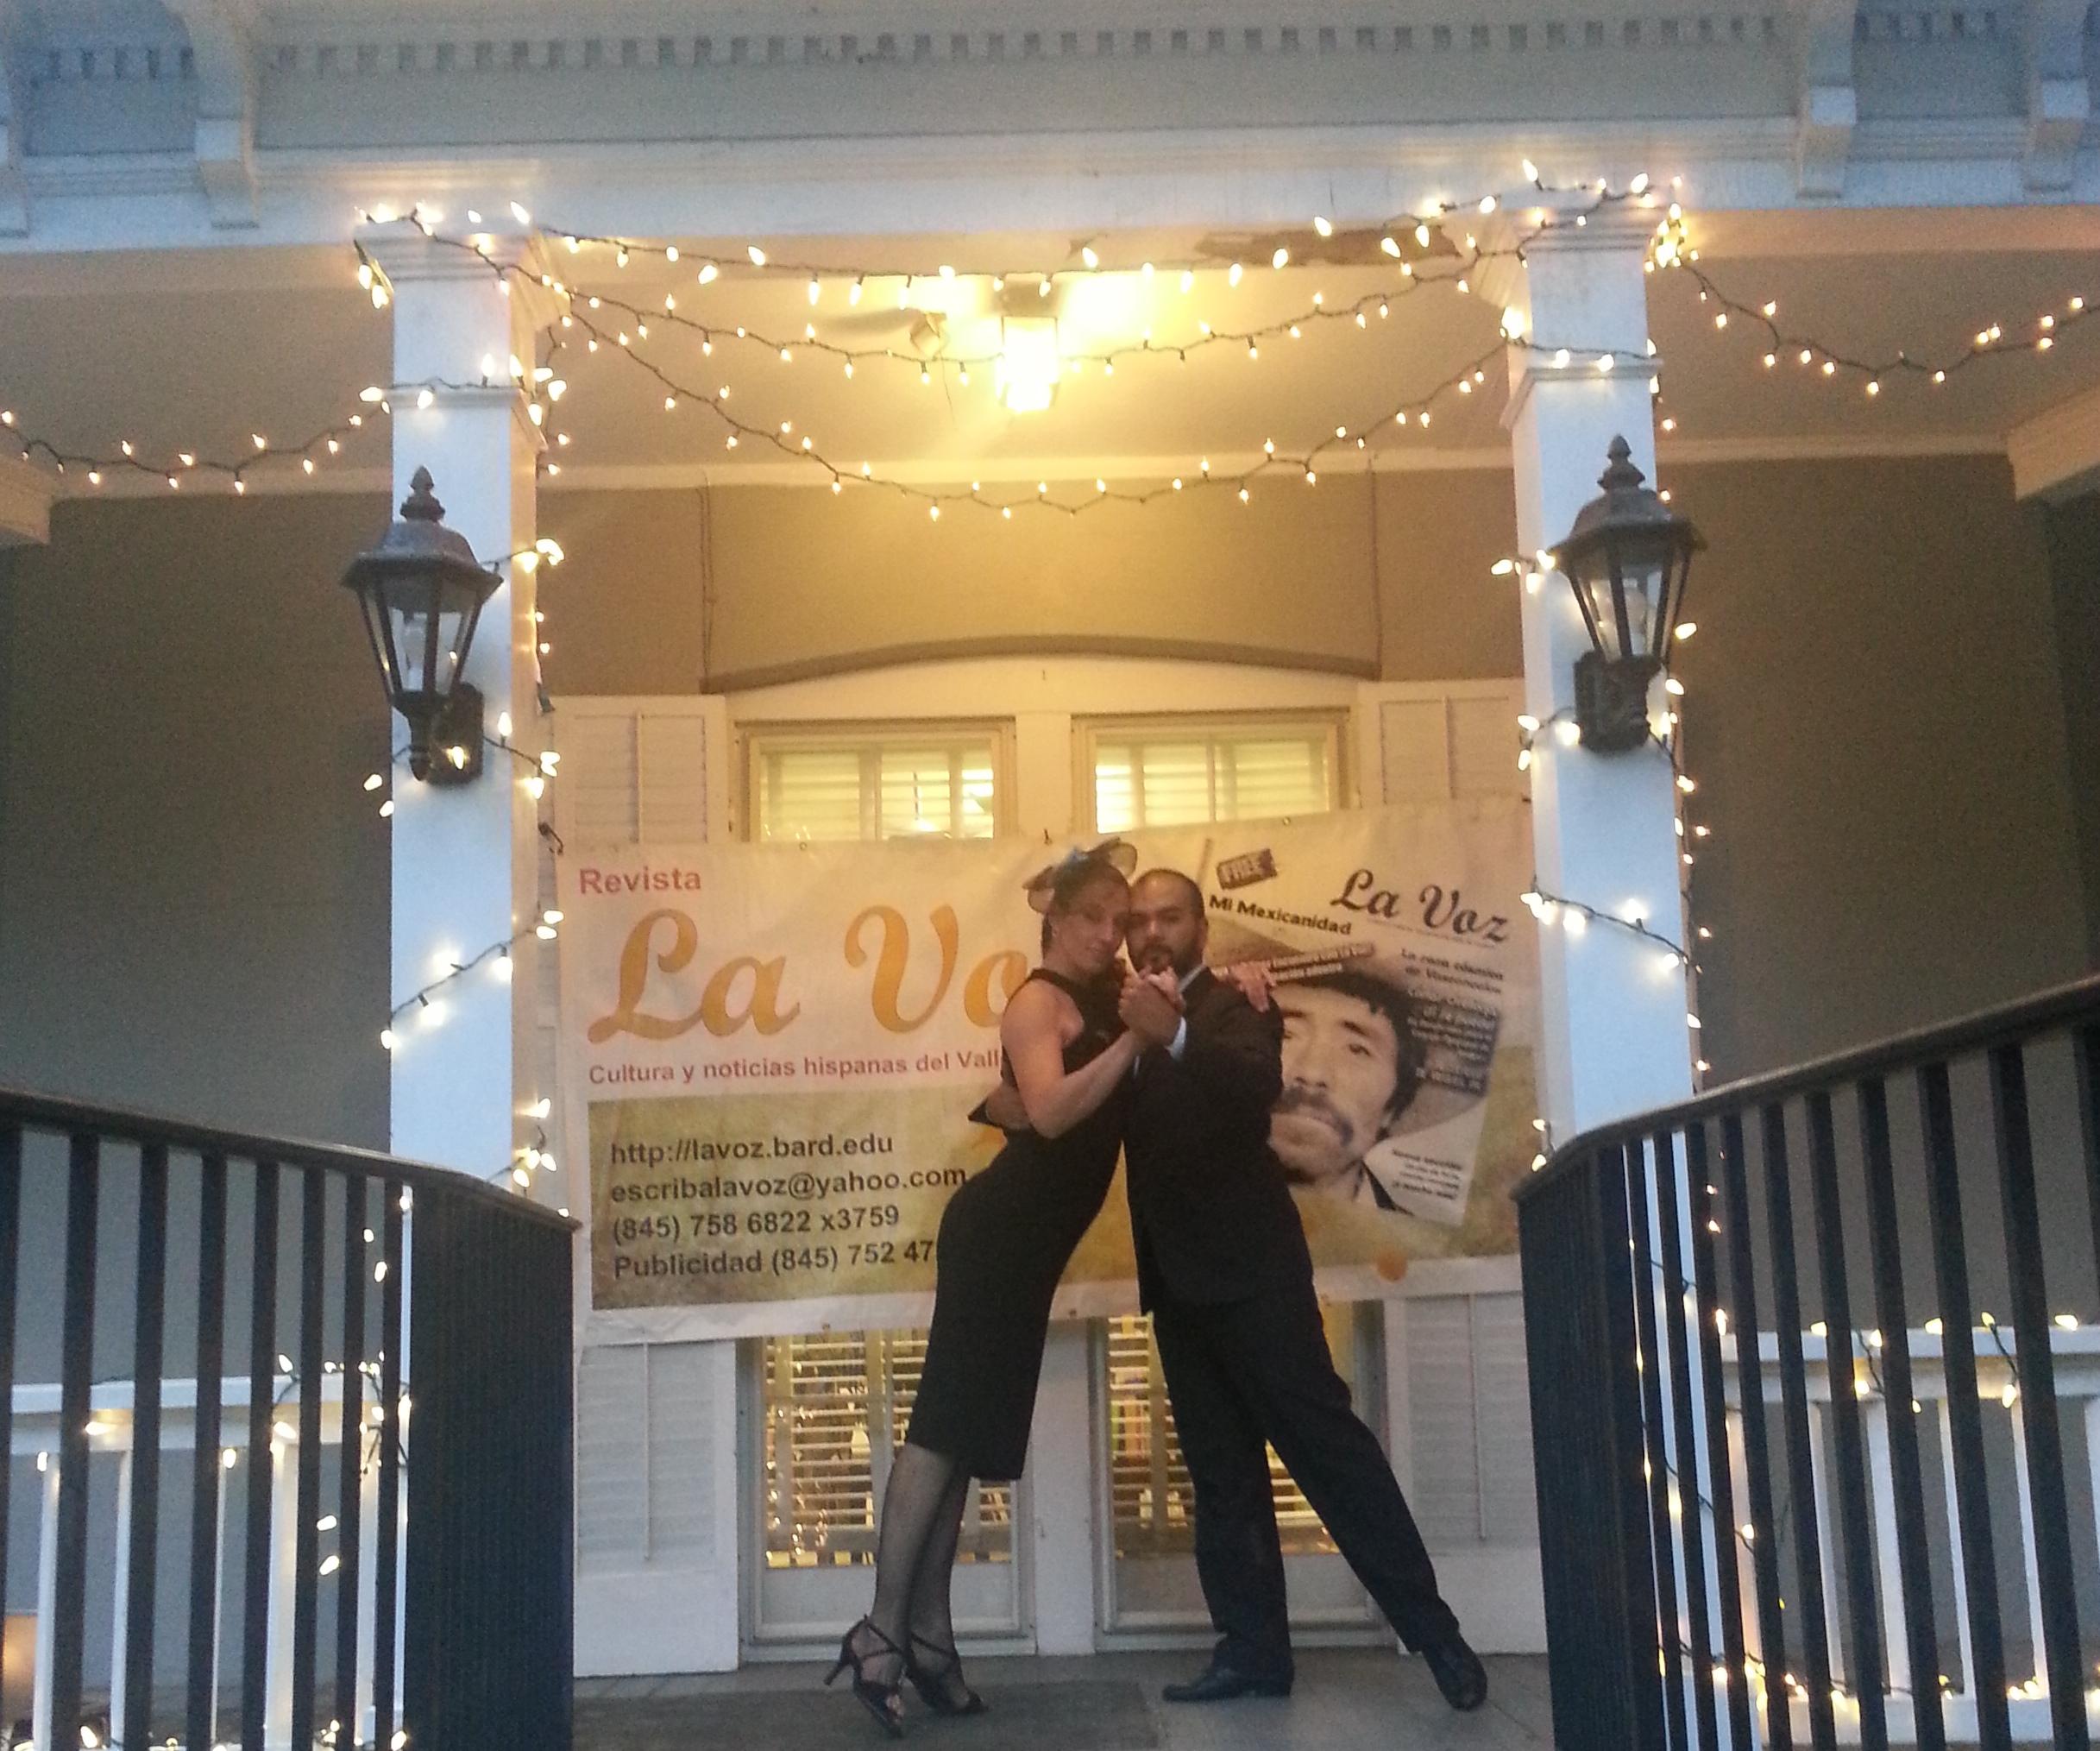 Maia Martínez y David Salvatierra bailan en evento de La Voz en la biblioteca de Red Hook. Foto de Mariel Fiori